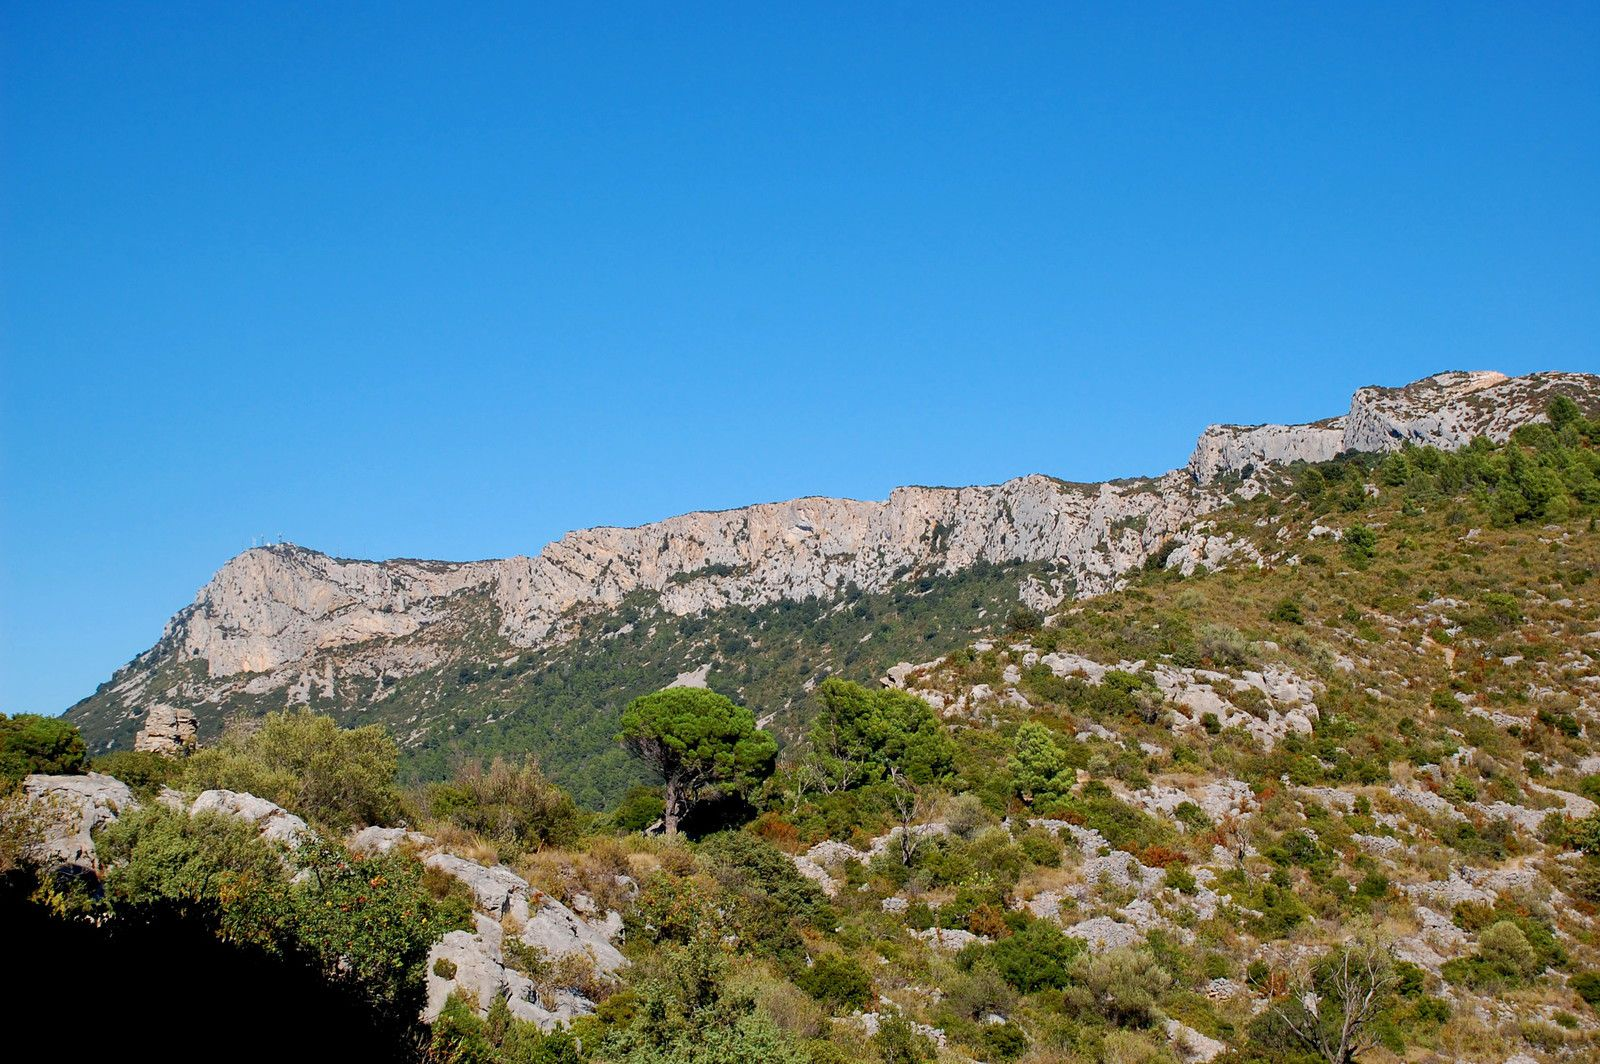 Le paysage avec les falaises